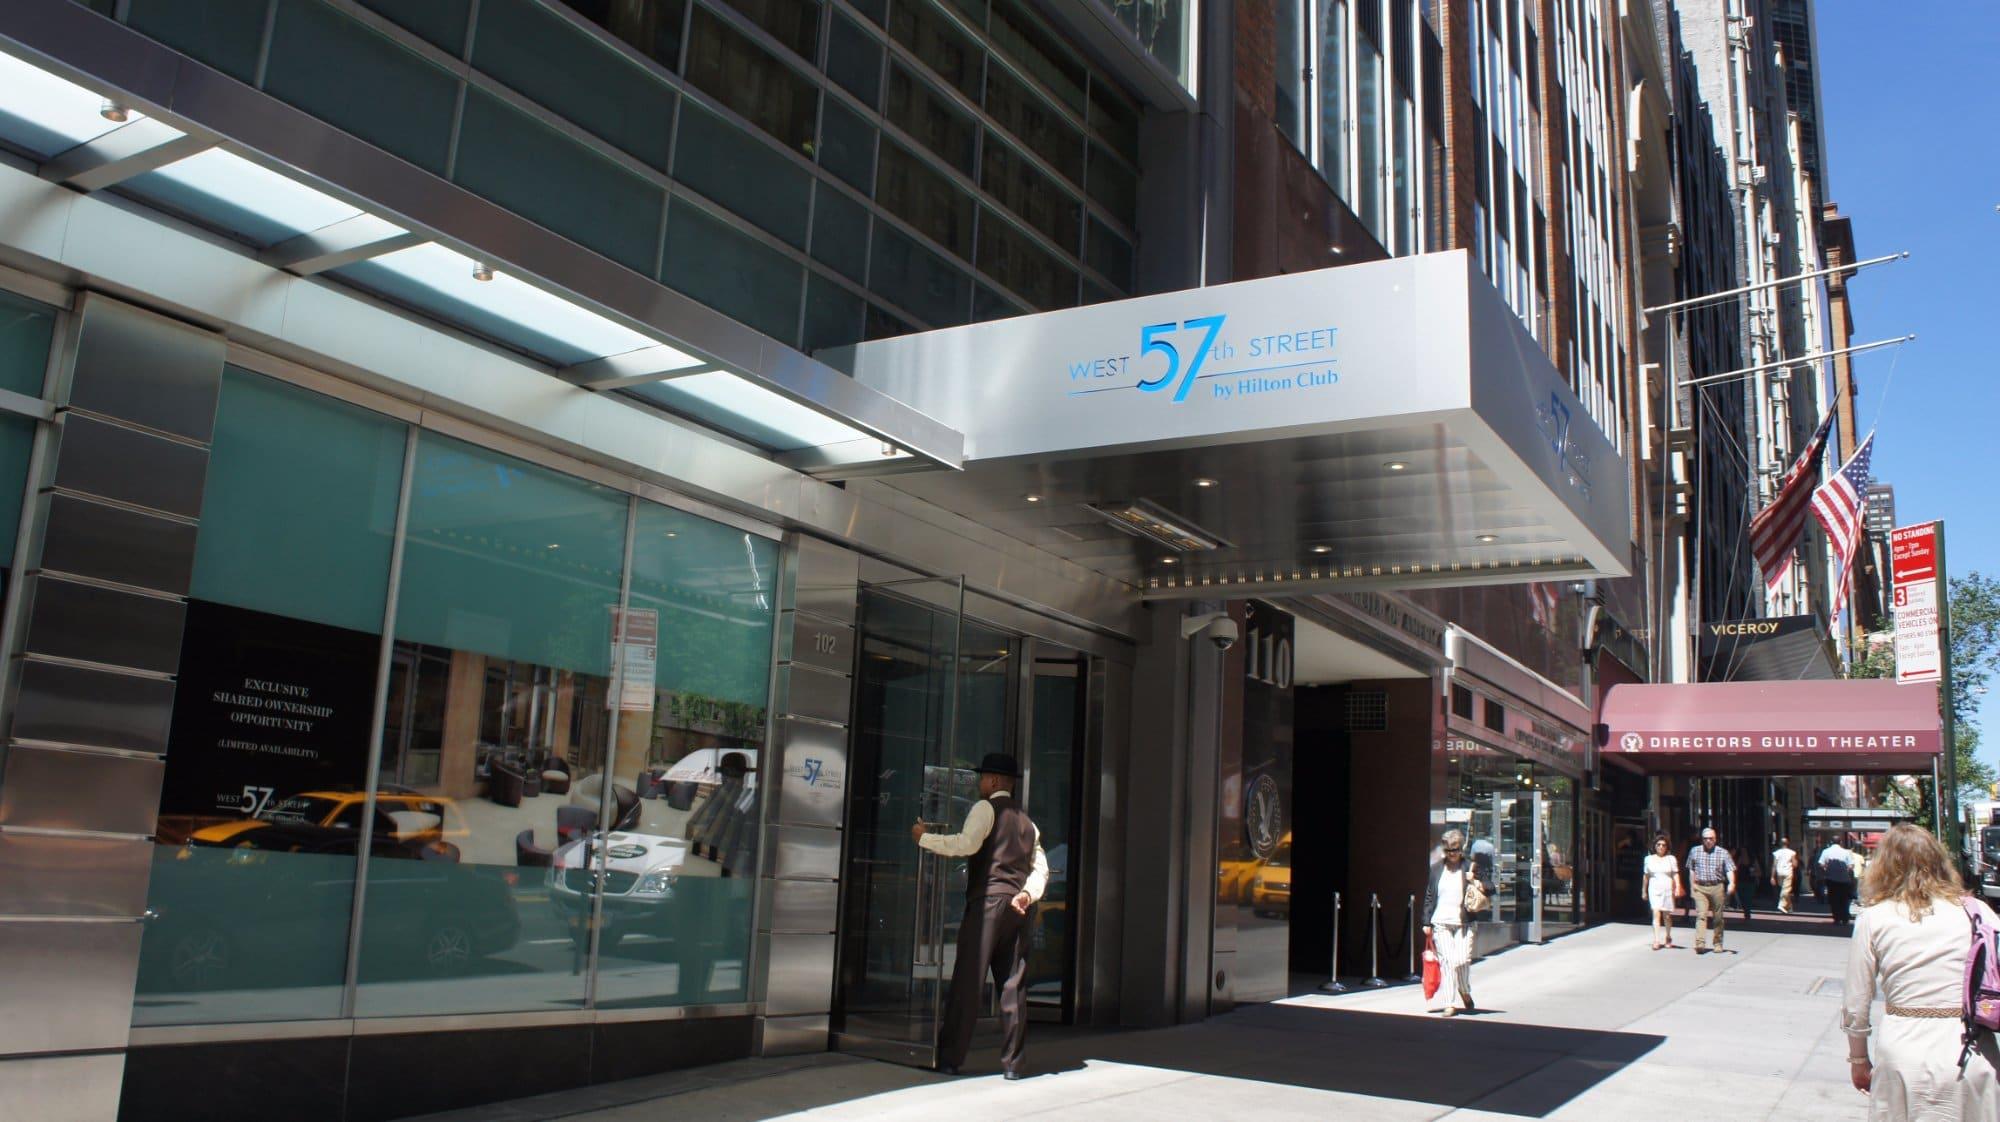 West 57th Street by Hilton Club Entrance